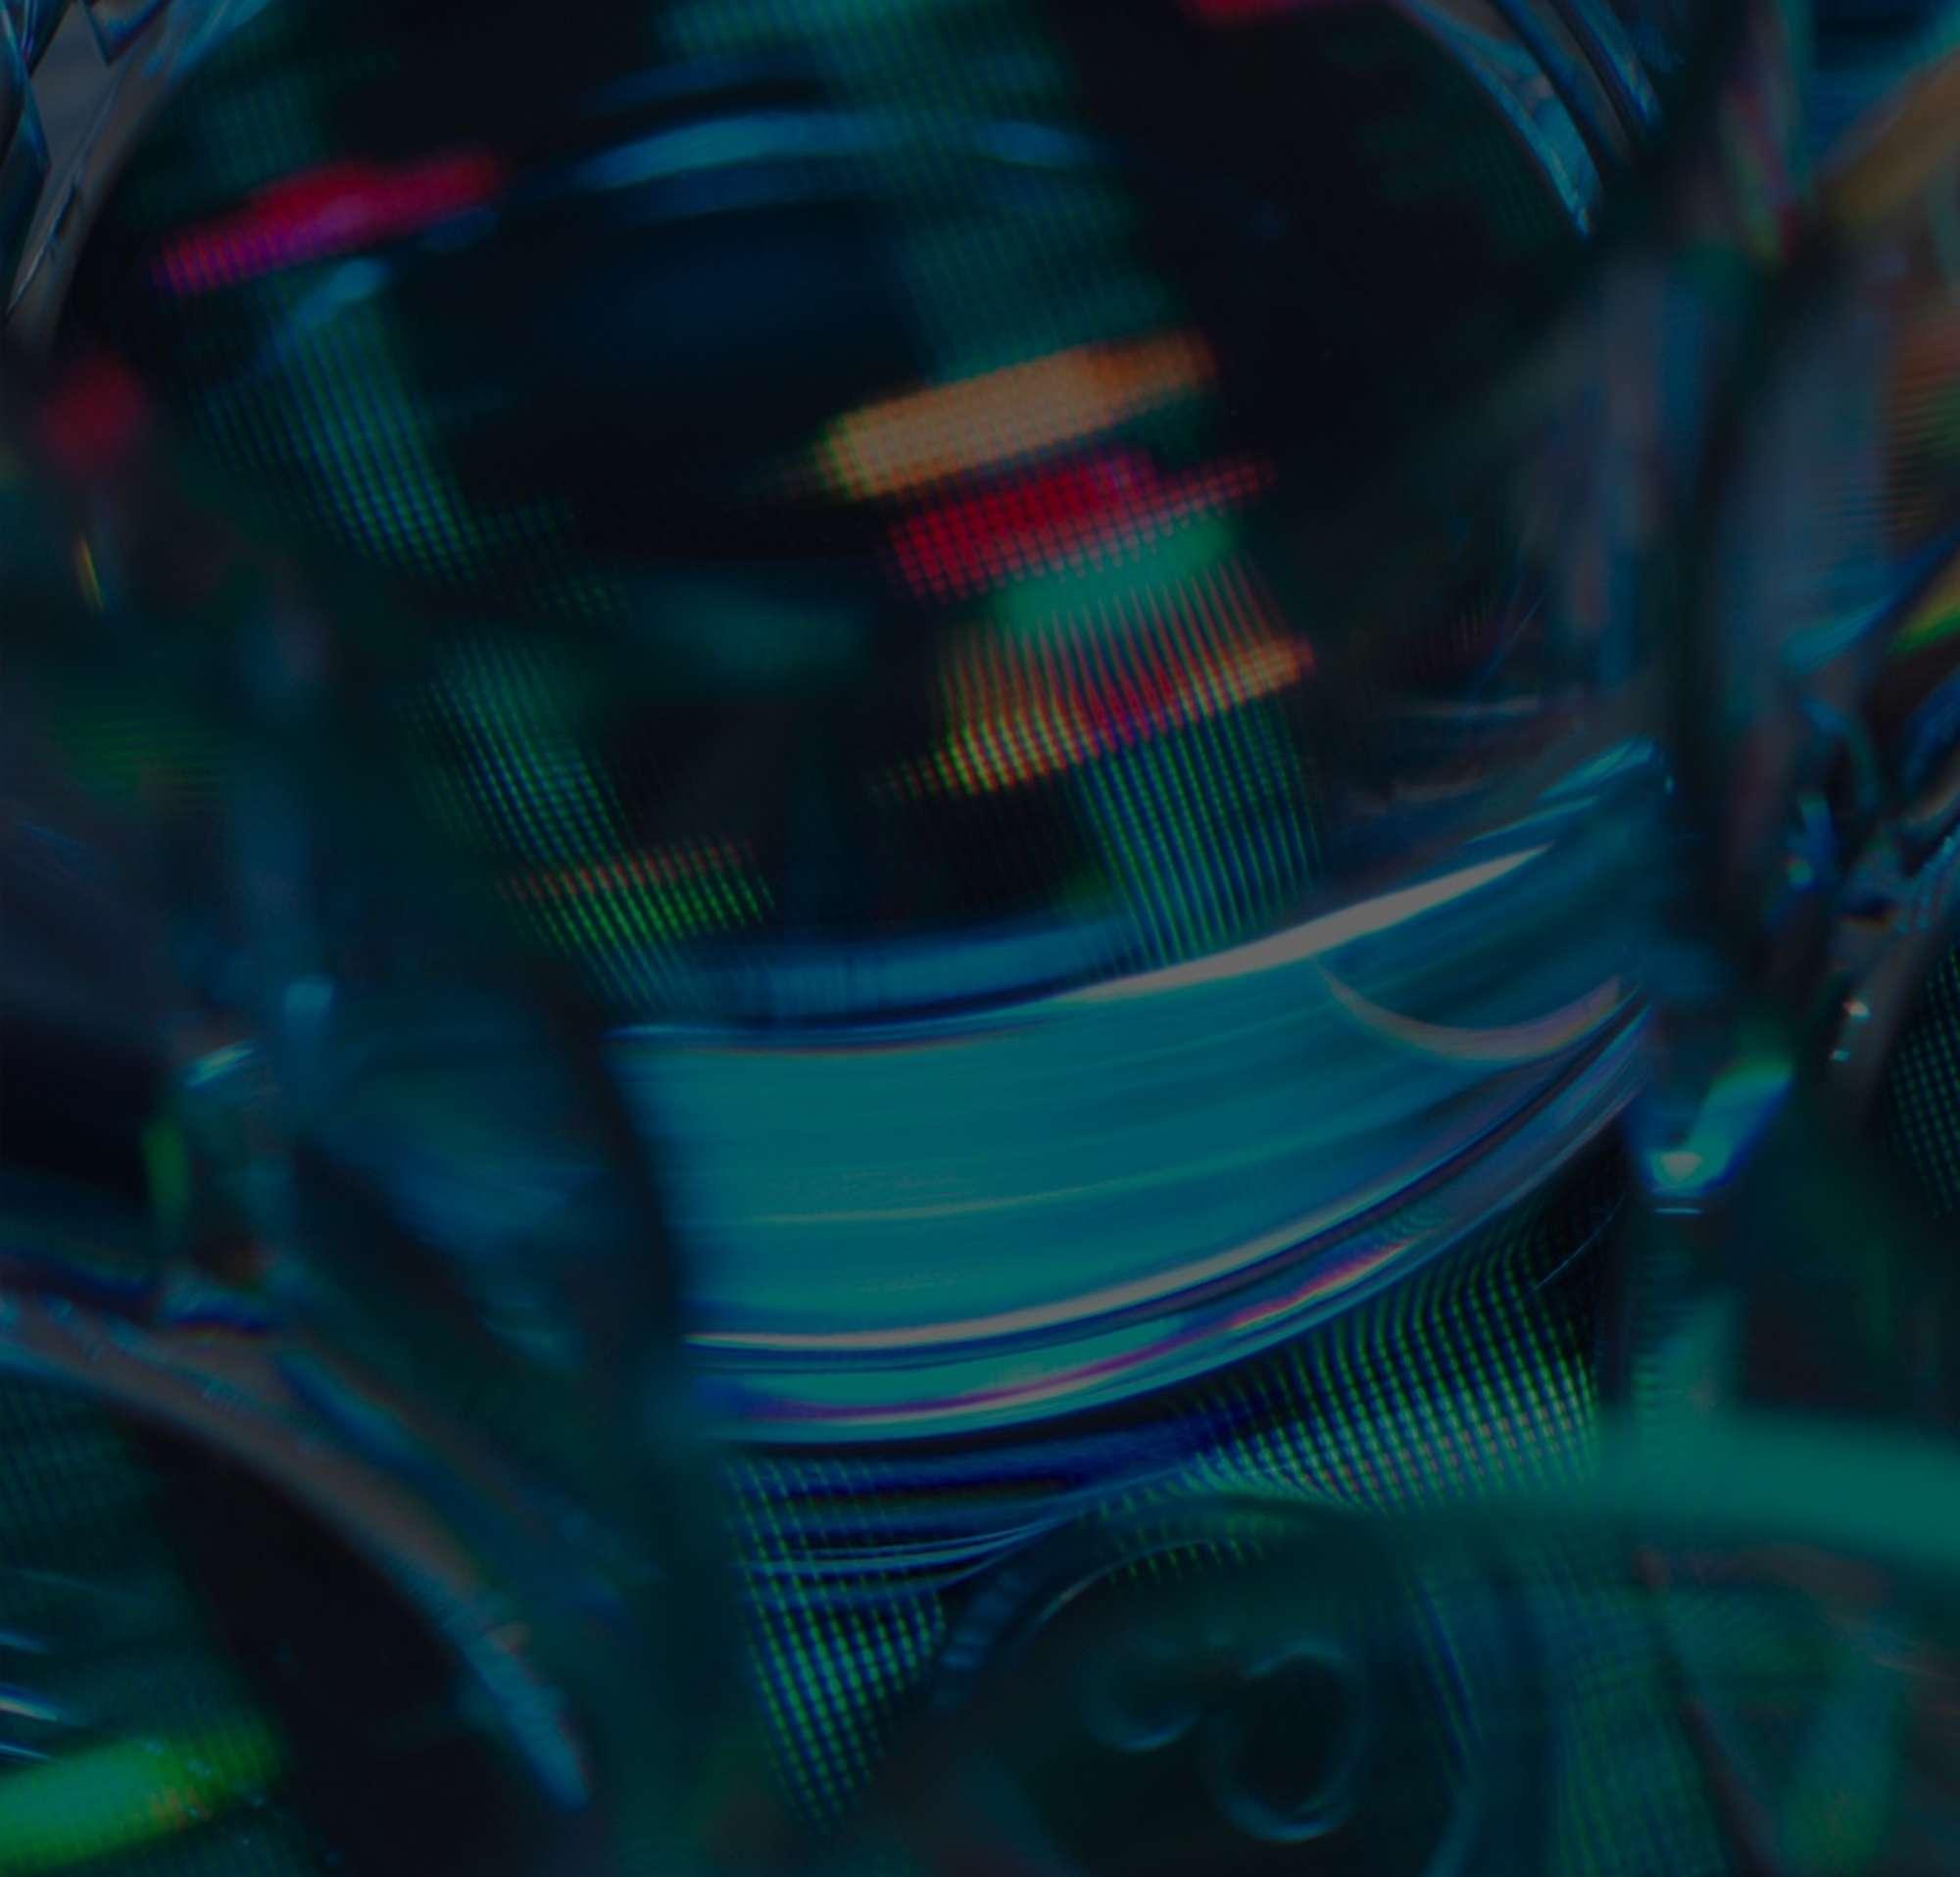 Eine Nahaufnahme von mehreren Petrischalen auf einem mehrfarbigen Hintergrund